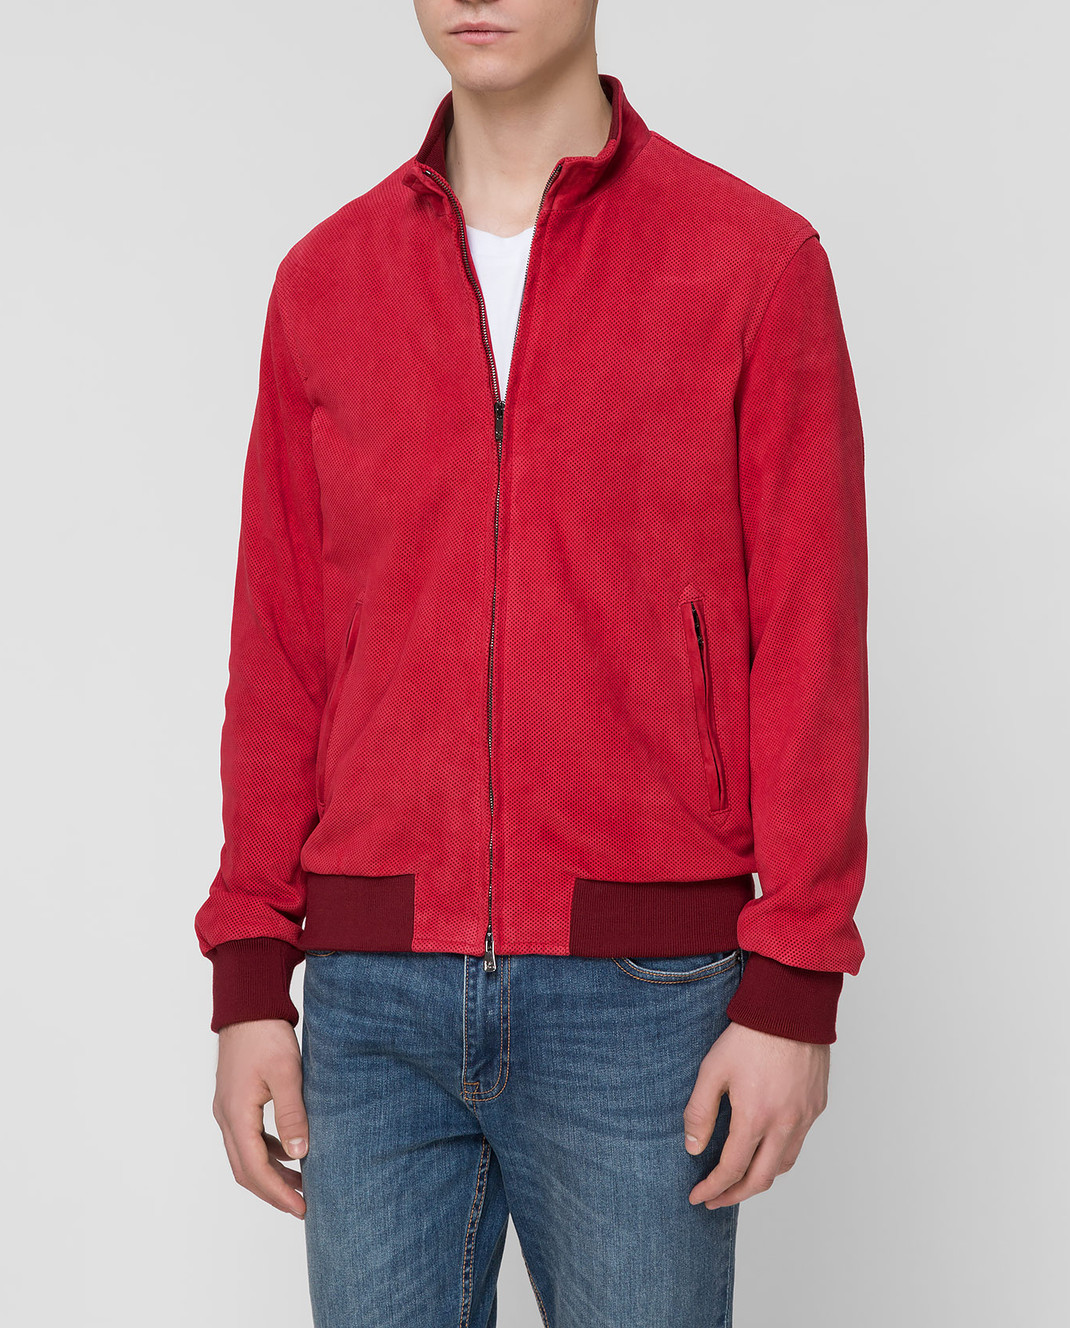 ISAIA Бордовая замшевая куртка LWT017PLW03 изображение 3